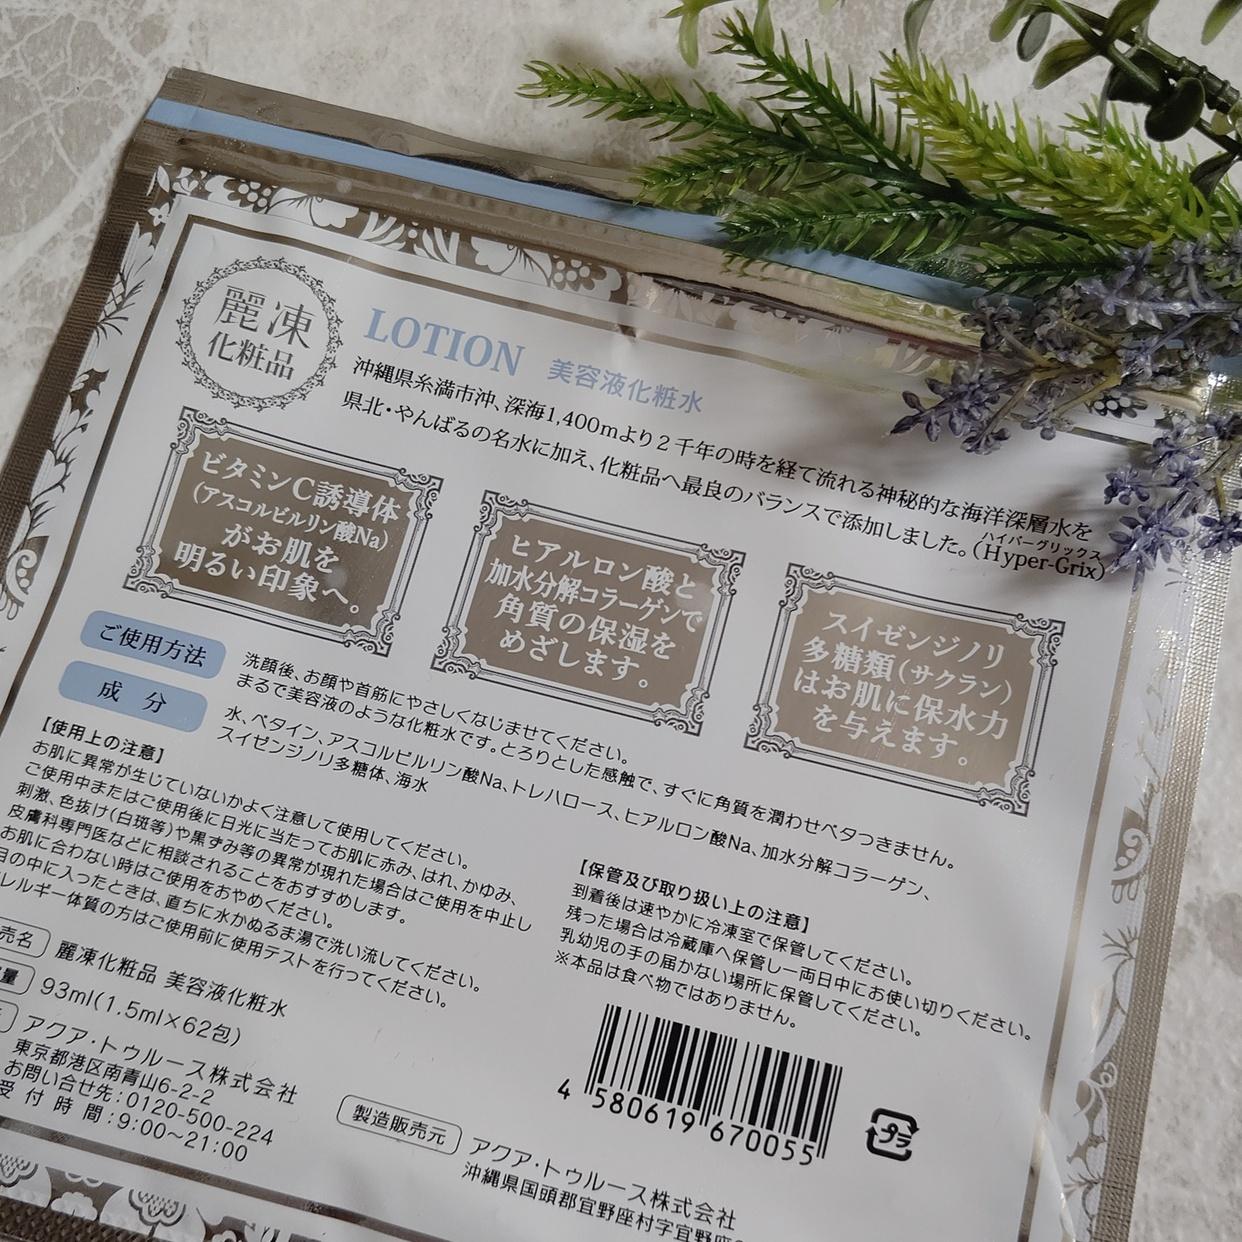 麗凍化粧品(Reitou Cosme) 美容液 化粧水を使ったまおぽこさんのクチコミ画像2